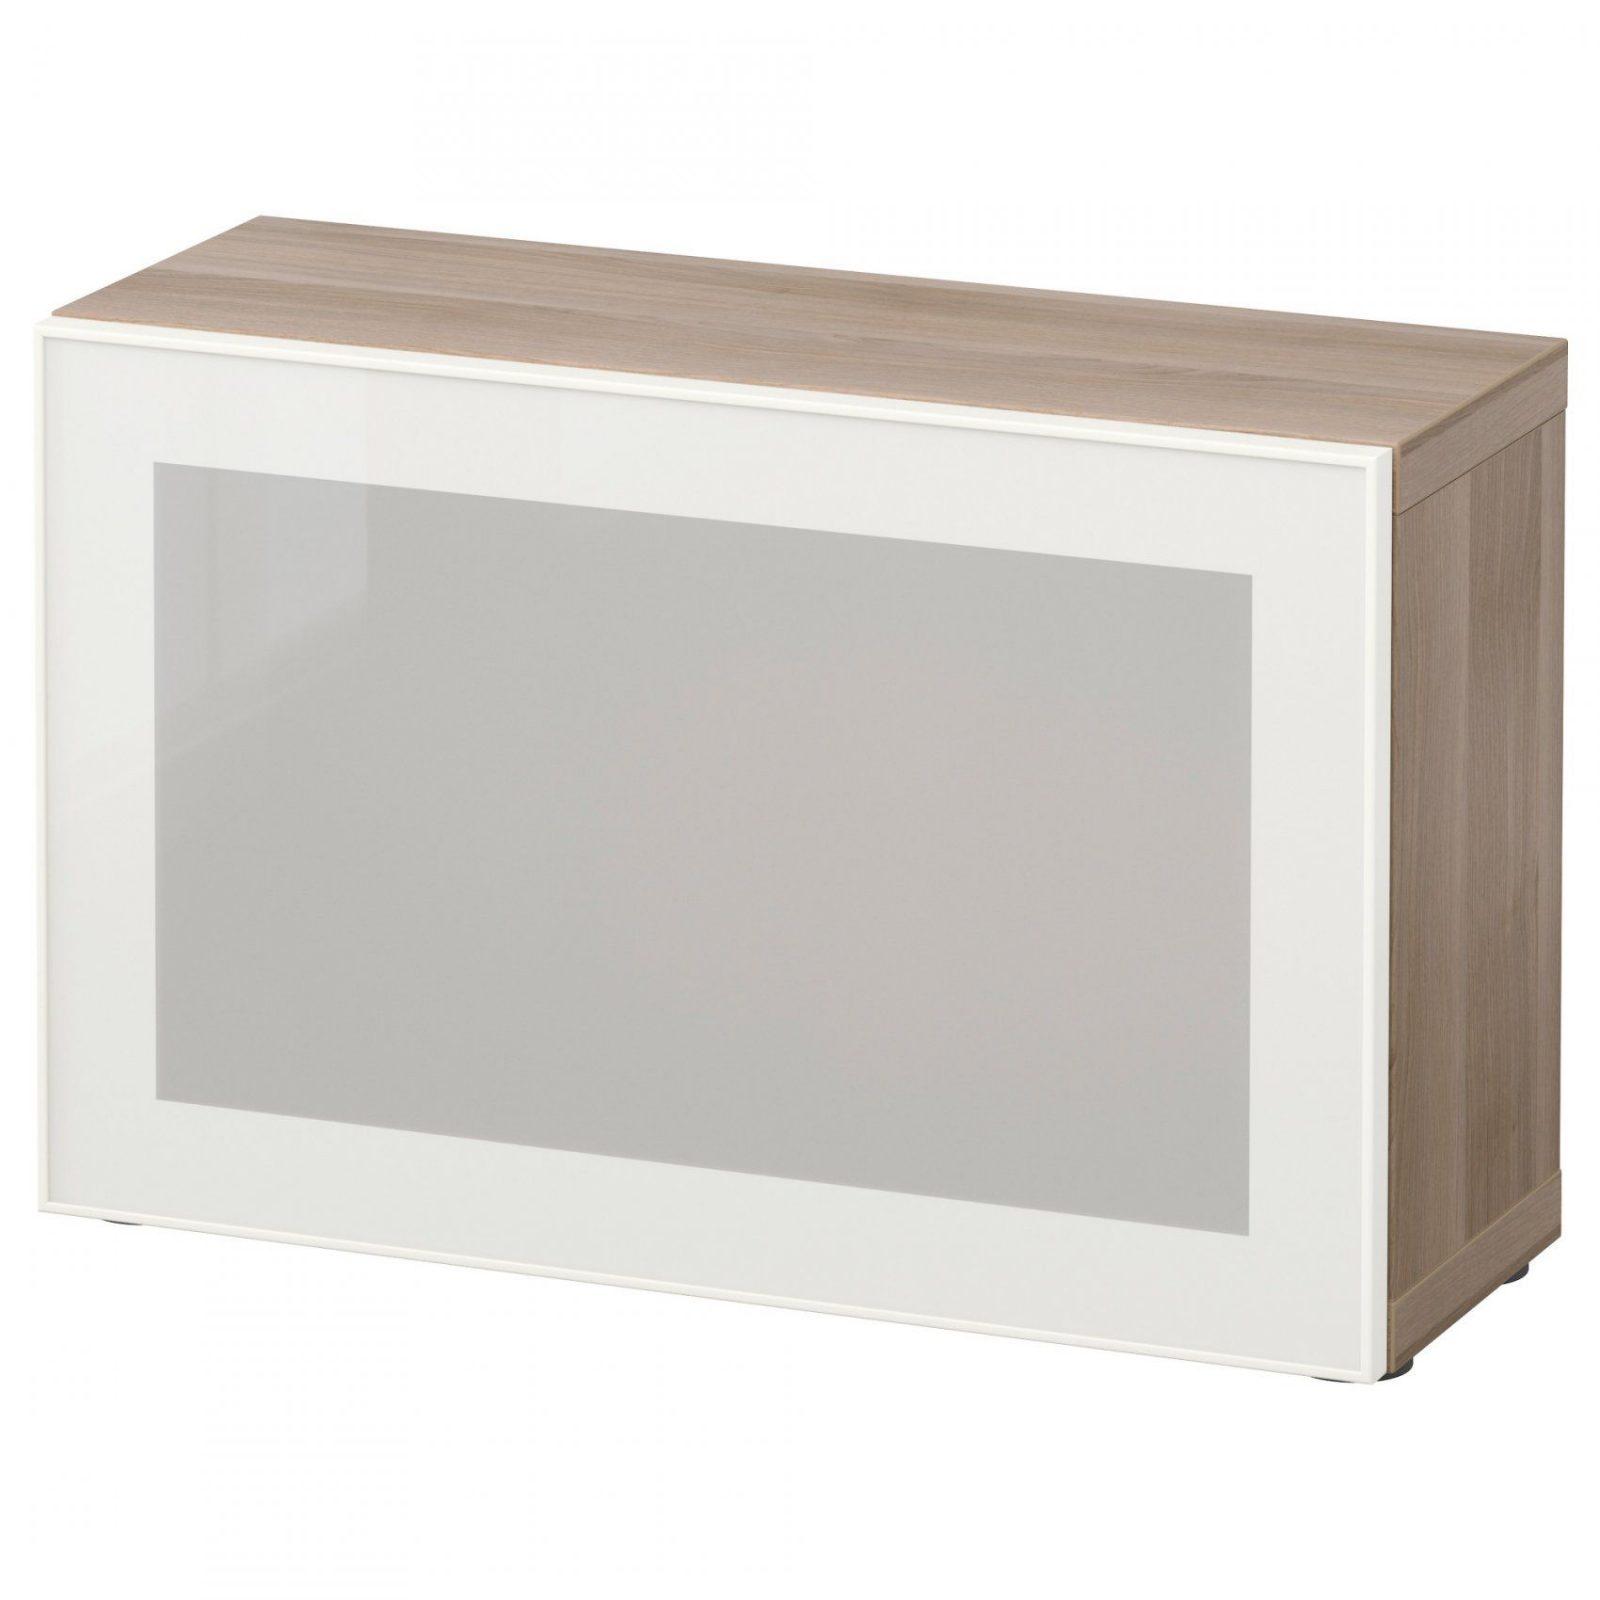 regal 20 cm breit simple regal cm breit regal cm tief cm. Black Bedroom Furniture Sets. Home Design Ideas